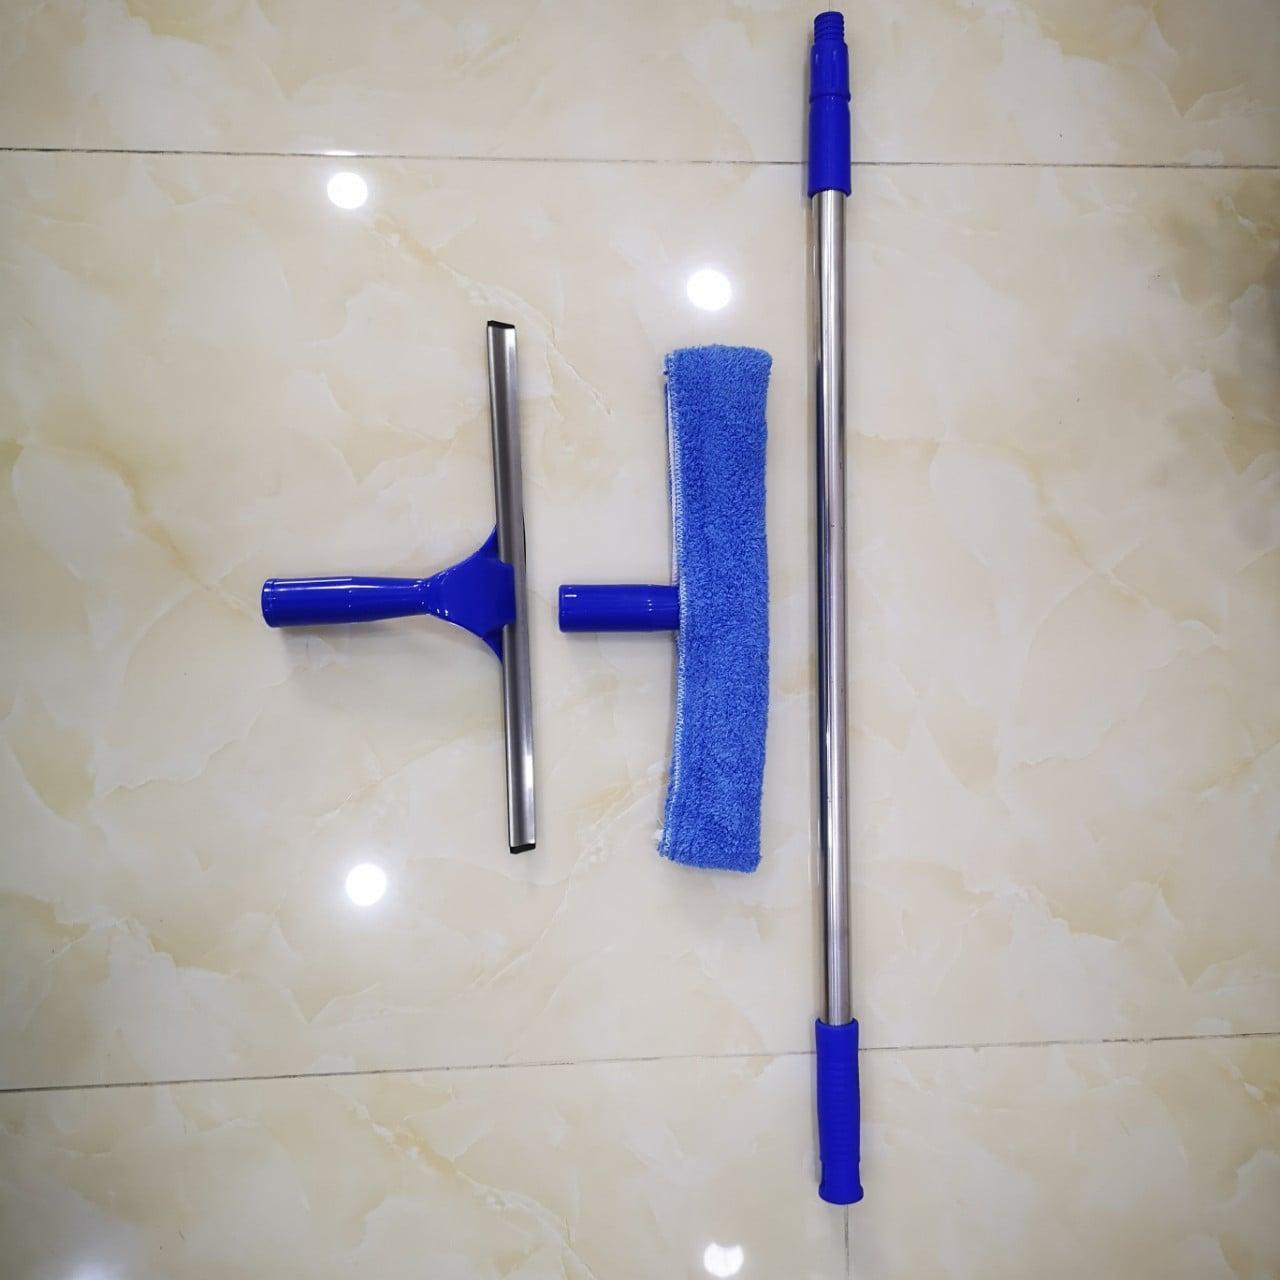 Bộ dụng cụ lau kính chuyên nghiệp cây dài 3m